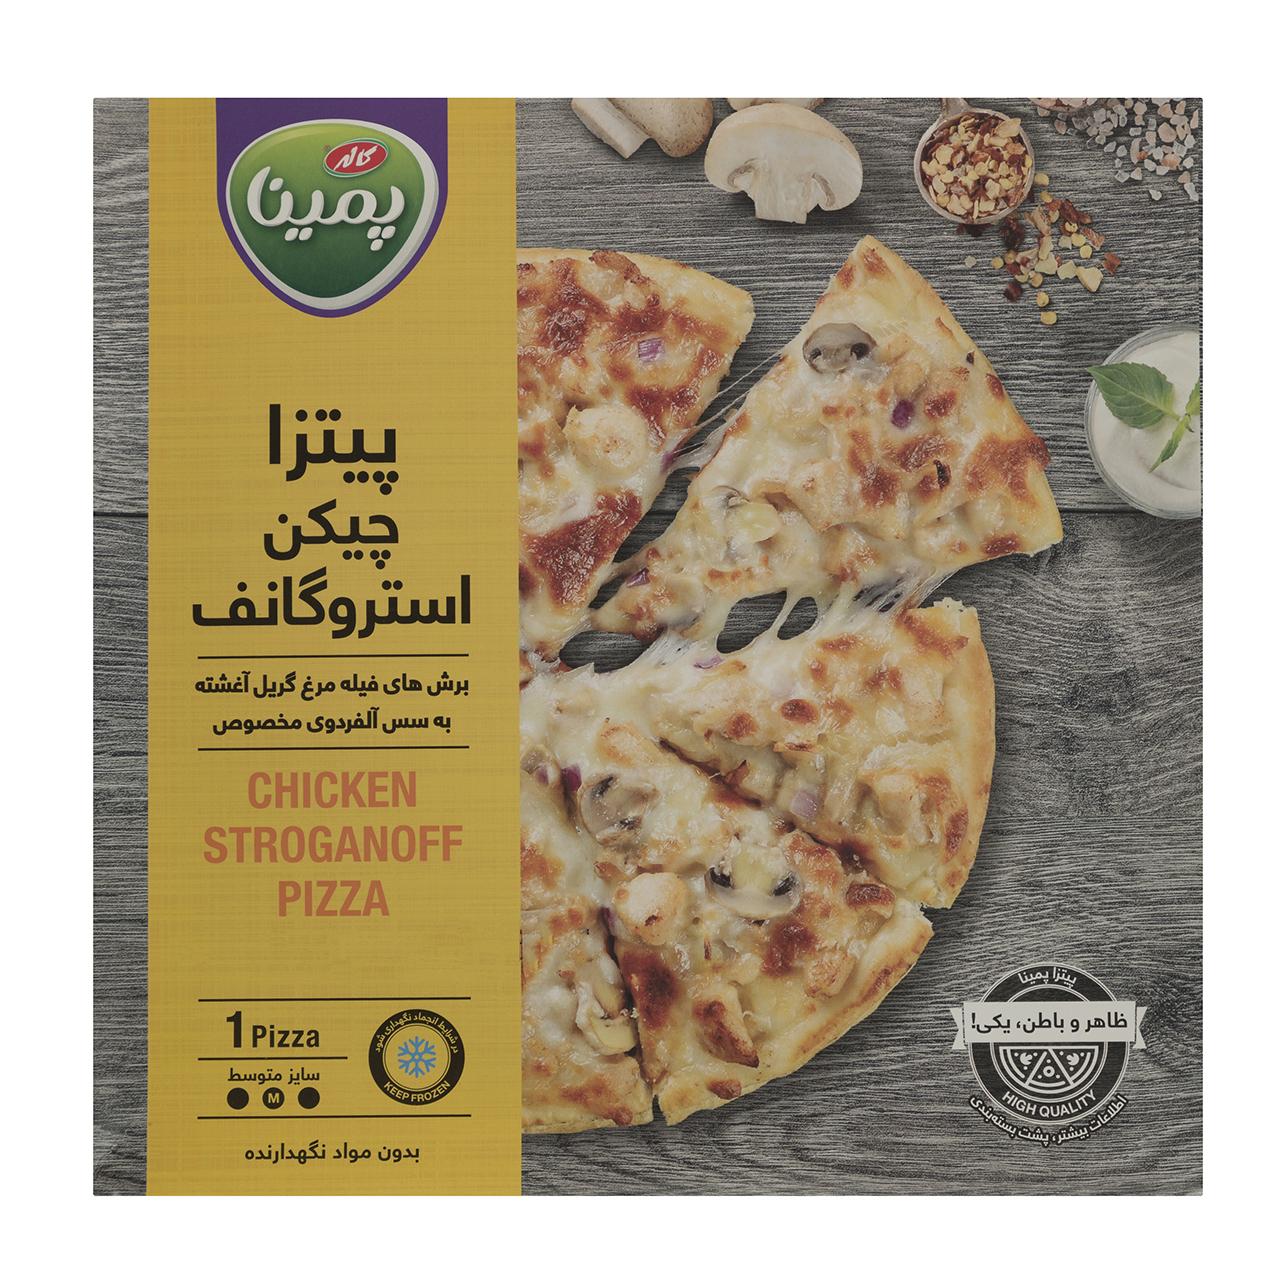 پیتزا چیکن استروگانف پمینا کاله مقدار 360 گرم